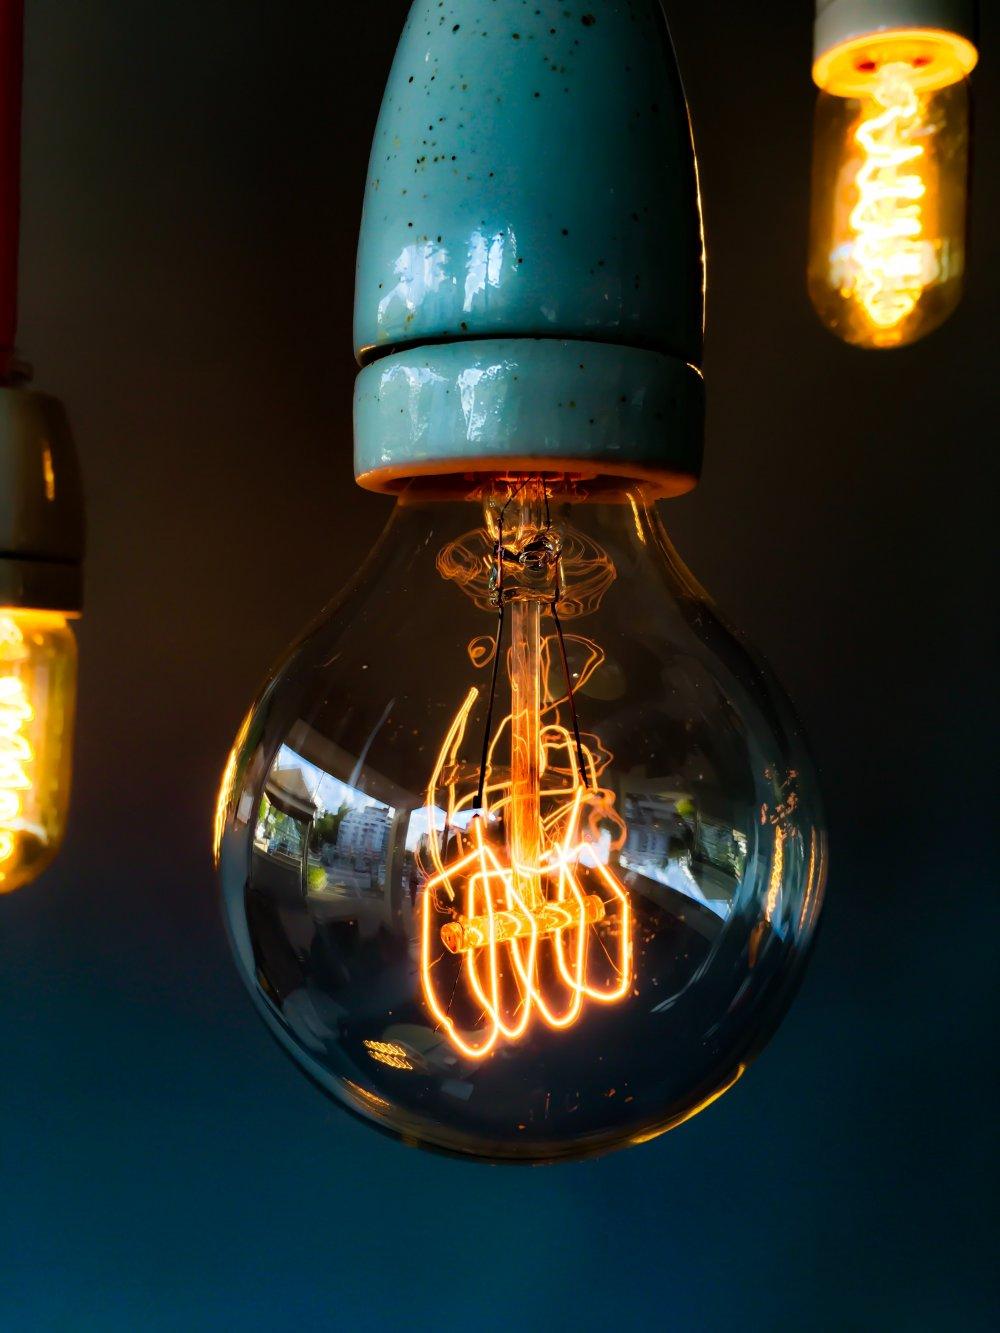 Sett stemningen med lamper og lyspærer